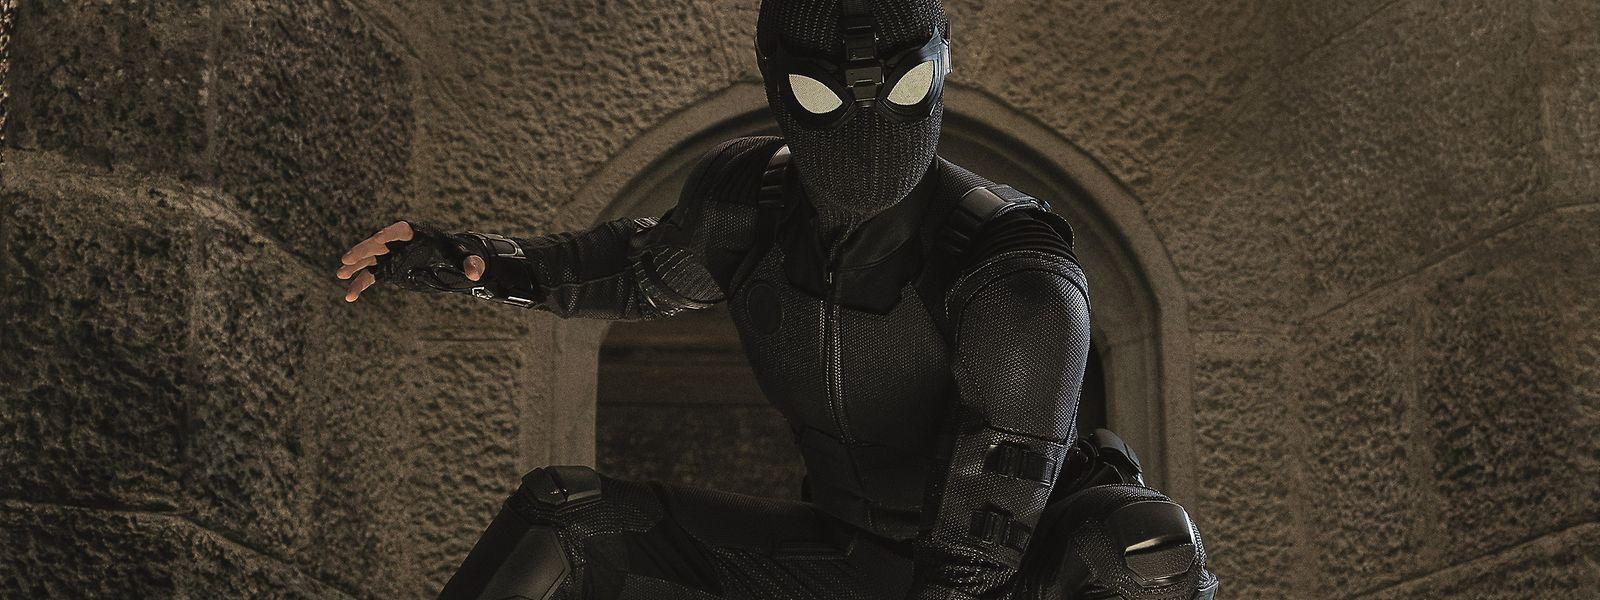 In Schwarz kennt man Spider-Man nicht: Doch auf einer Studienreise nach Europa muss Peter Parker improvisieren, um bei der Rettung der Welt mitzuhelfen.